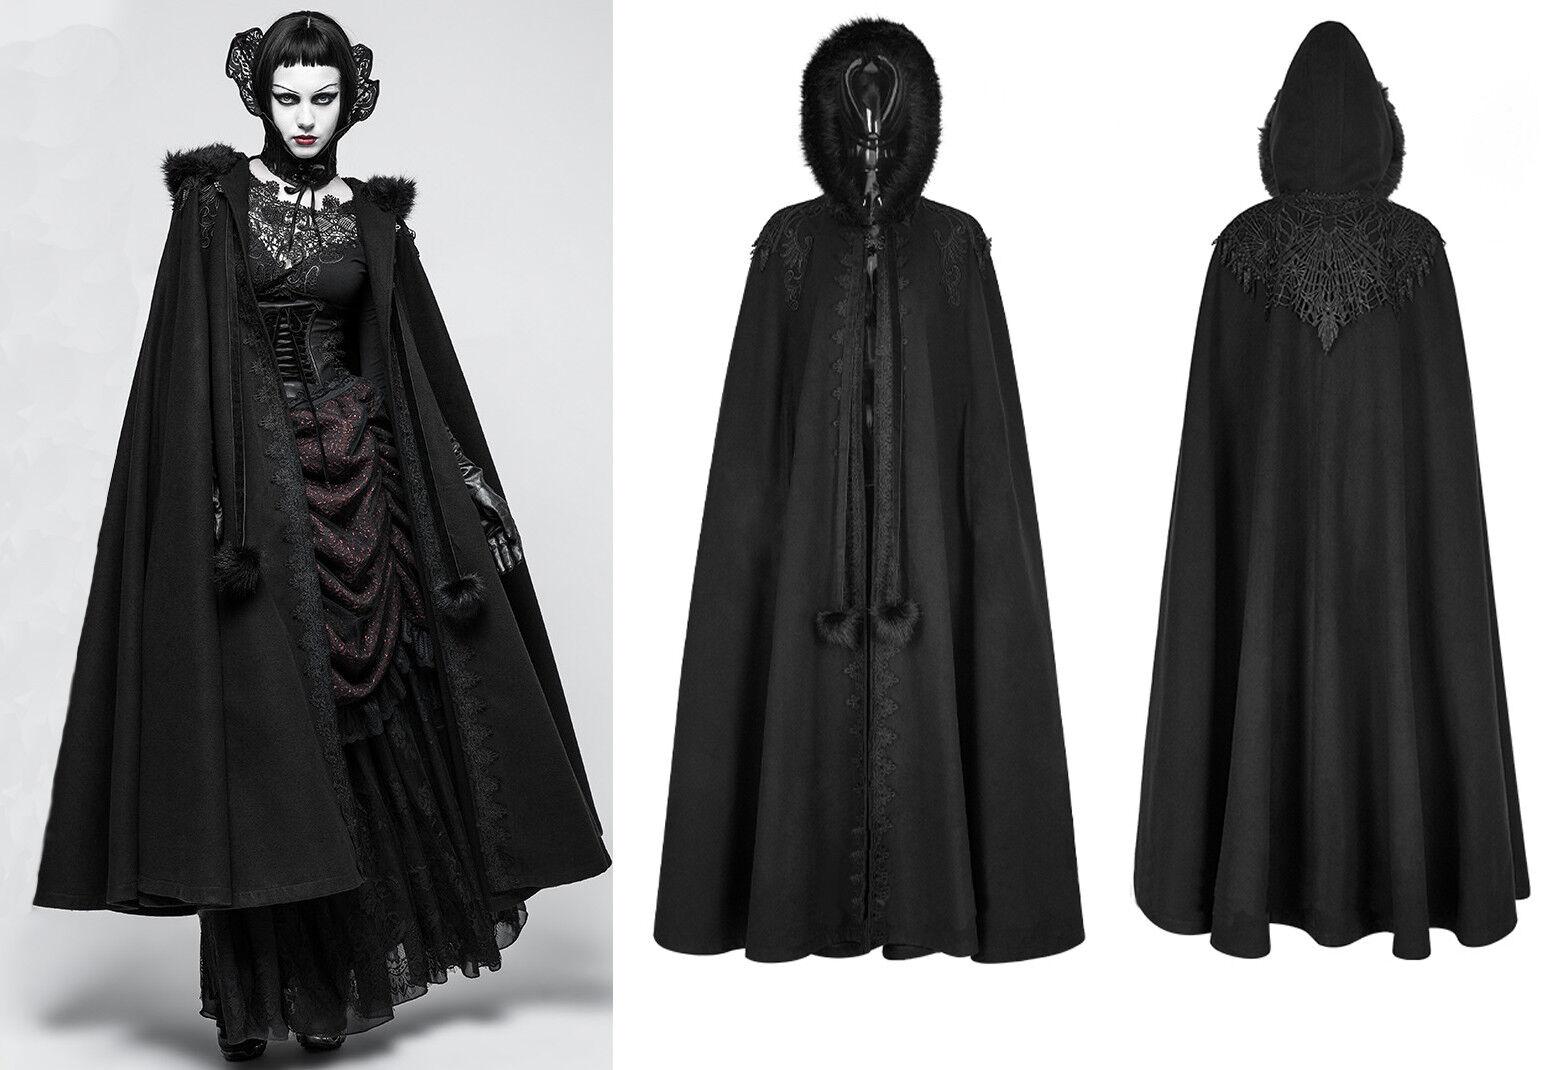 Punk Rave Umhang Cape Kapuze Nugoth Nugoth Nugoth Nugoth Vampire Gothic Hood LARP Mantel Y-790   | ein guter Ruf in der Welt  | Lassen Sie unsere Produkte in die Welt gehen  | Lebhaft  | Shopping Online  | Haltbar  668fb8